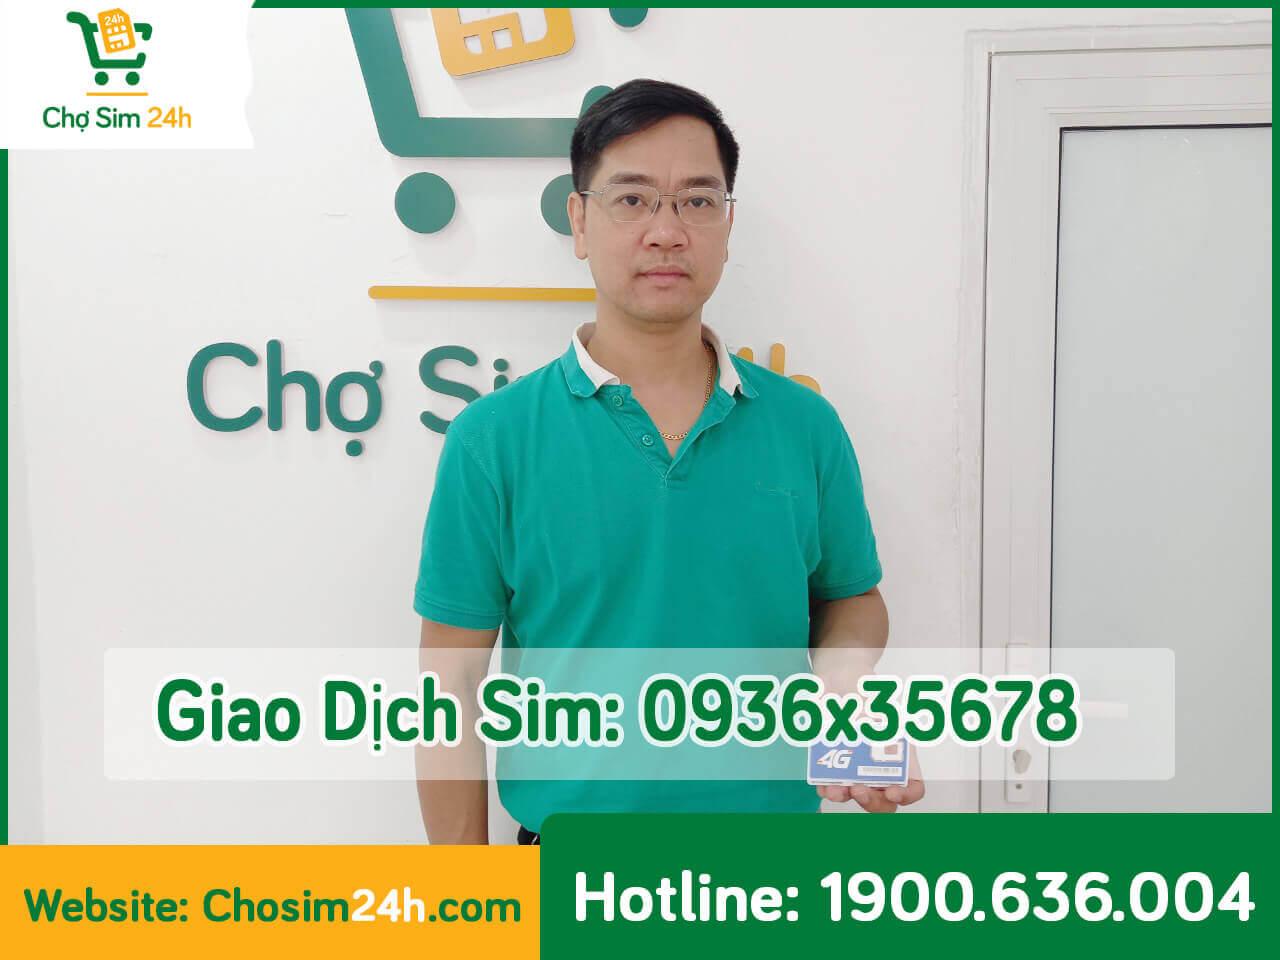 Giao dịch hot cùng sim sảnh tiến 0936x35678 mạng mobifone